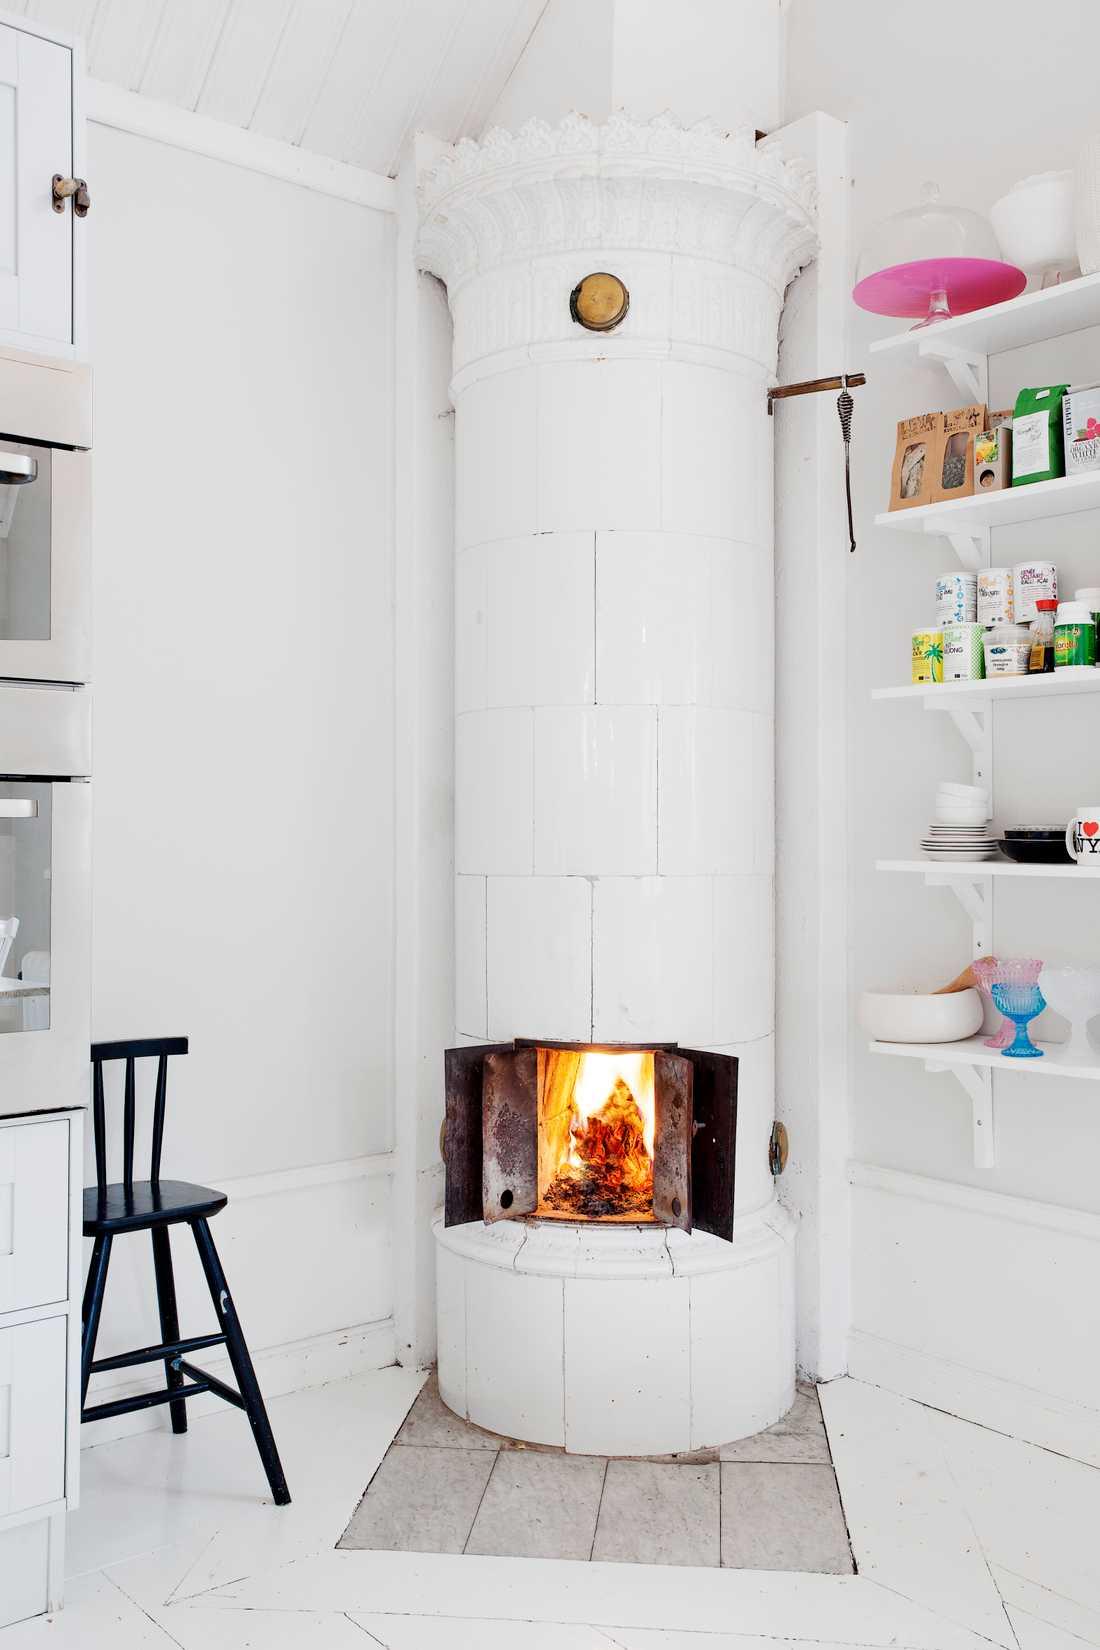 En sprakande braskamin är en viktig detalj för köpare som letar lägenhet.